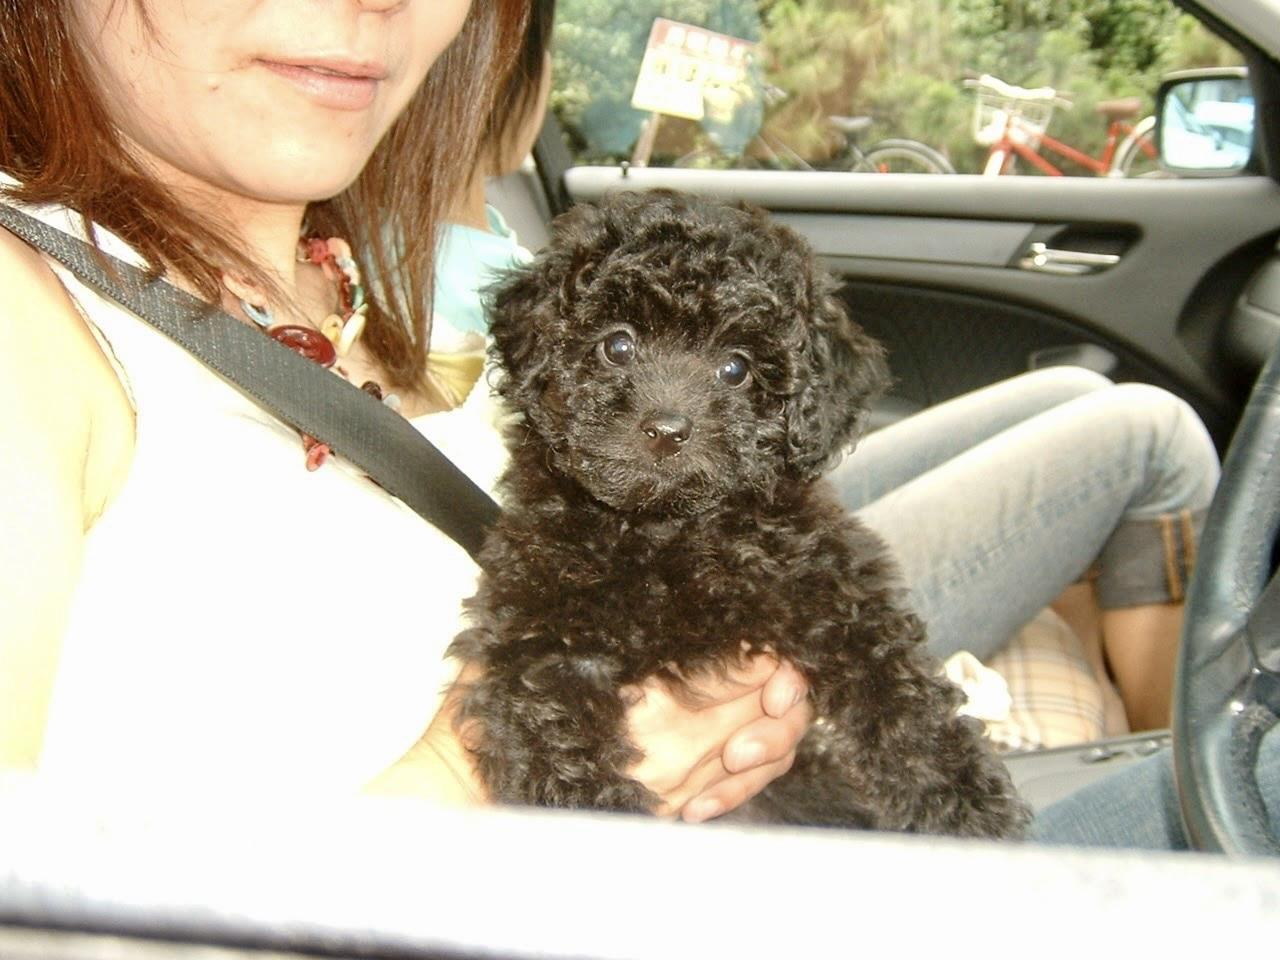 愛犬くりちゃんの17歳の誕生日に感謝を込めて。_a0213806_16523790.jpeg